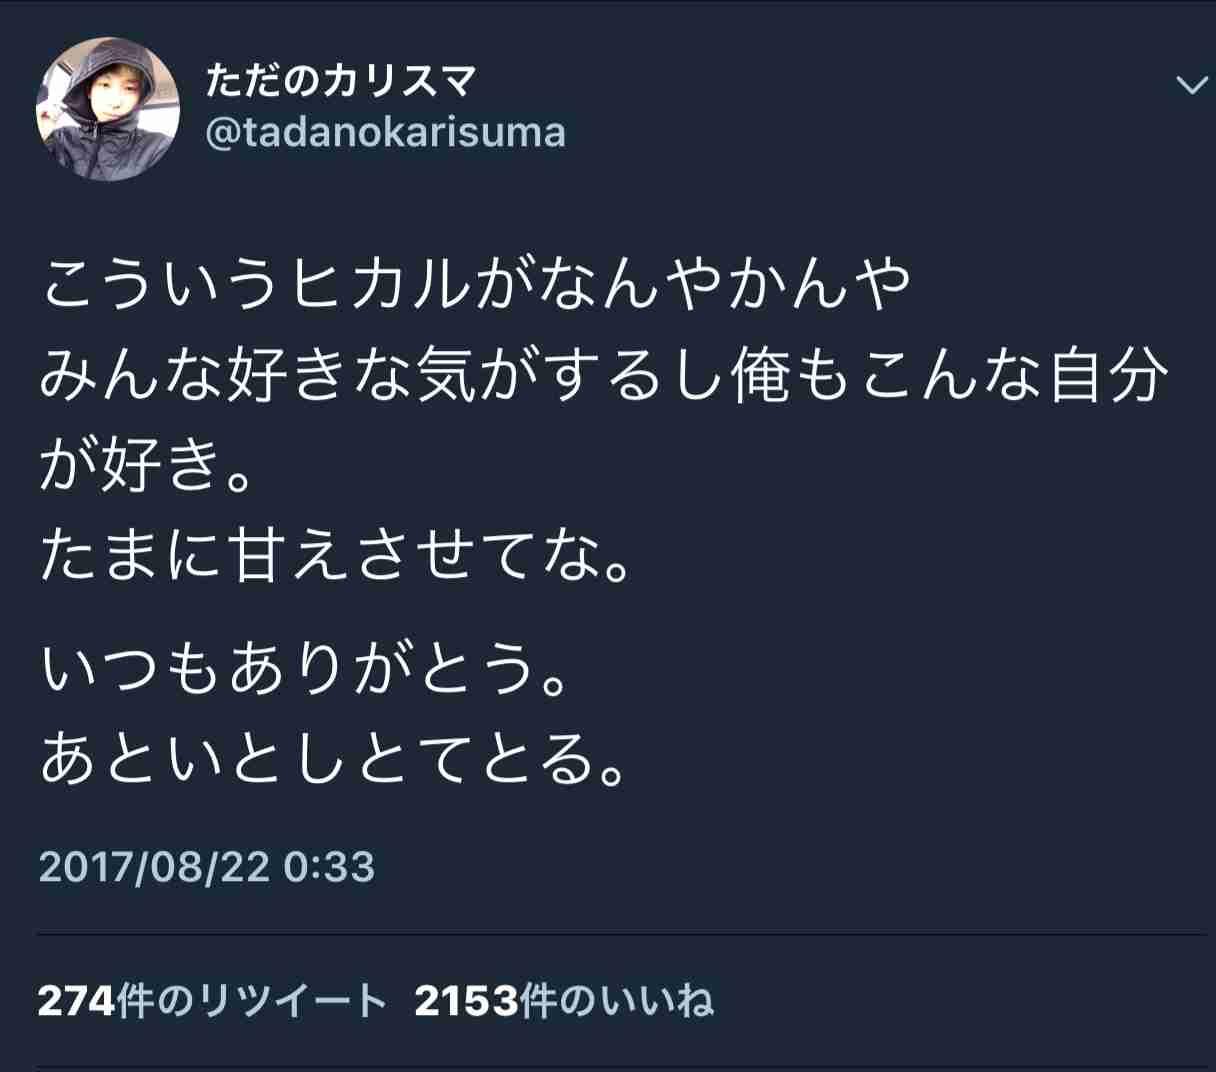 """【週刊文春】Youtuberヒカル""""売り逃げ""""に専門家が詐欺罪の可能性を指摘"""